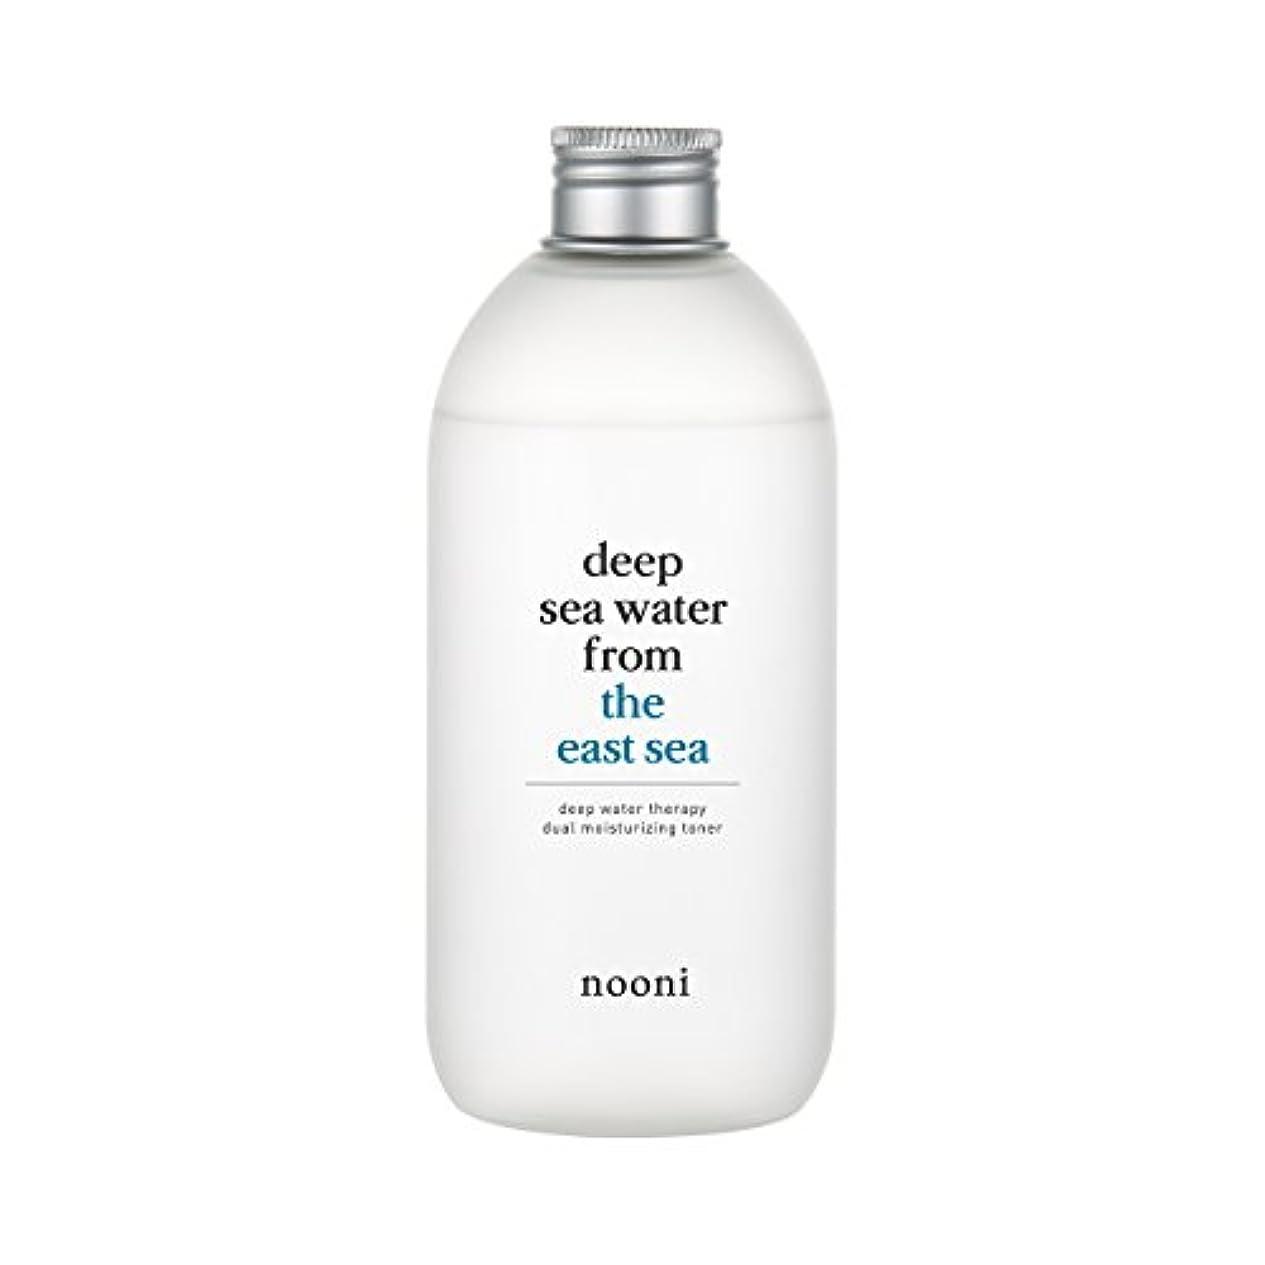 哲学者マントル分岐するNOONI ディープウォーターセラピー二重の保湿化粧水310Ml #全てのスキンタイプに